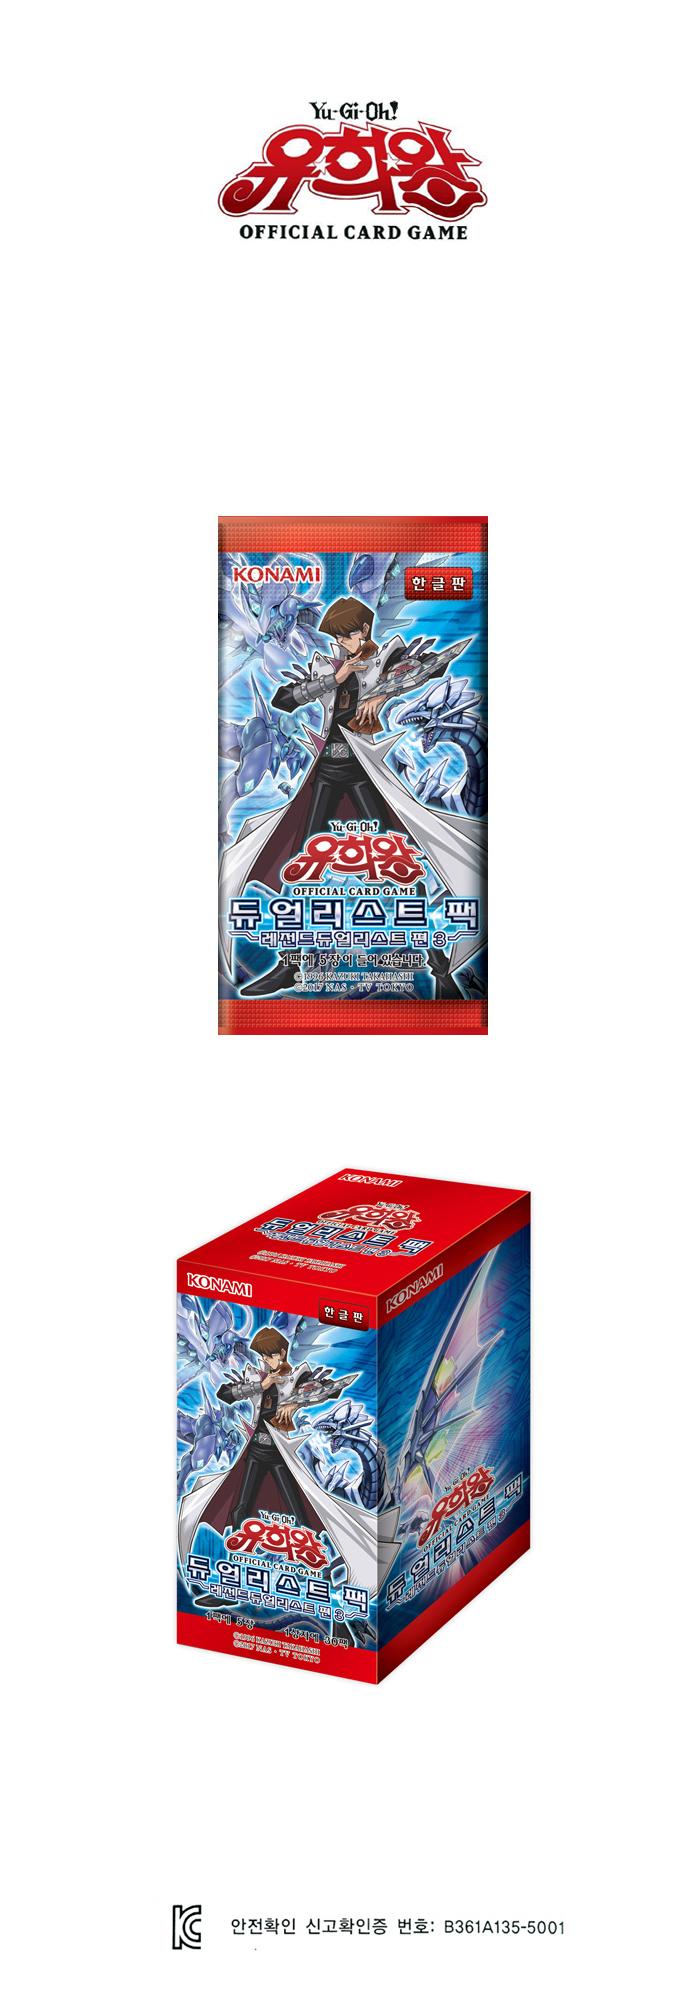 유희왕카드 듀얼리스트팩 레전드듀얼리스트 편 3 - 펜마트, 14,700원, 보드게임, 카드 게임